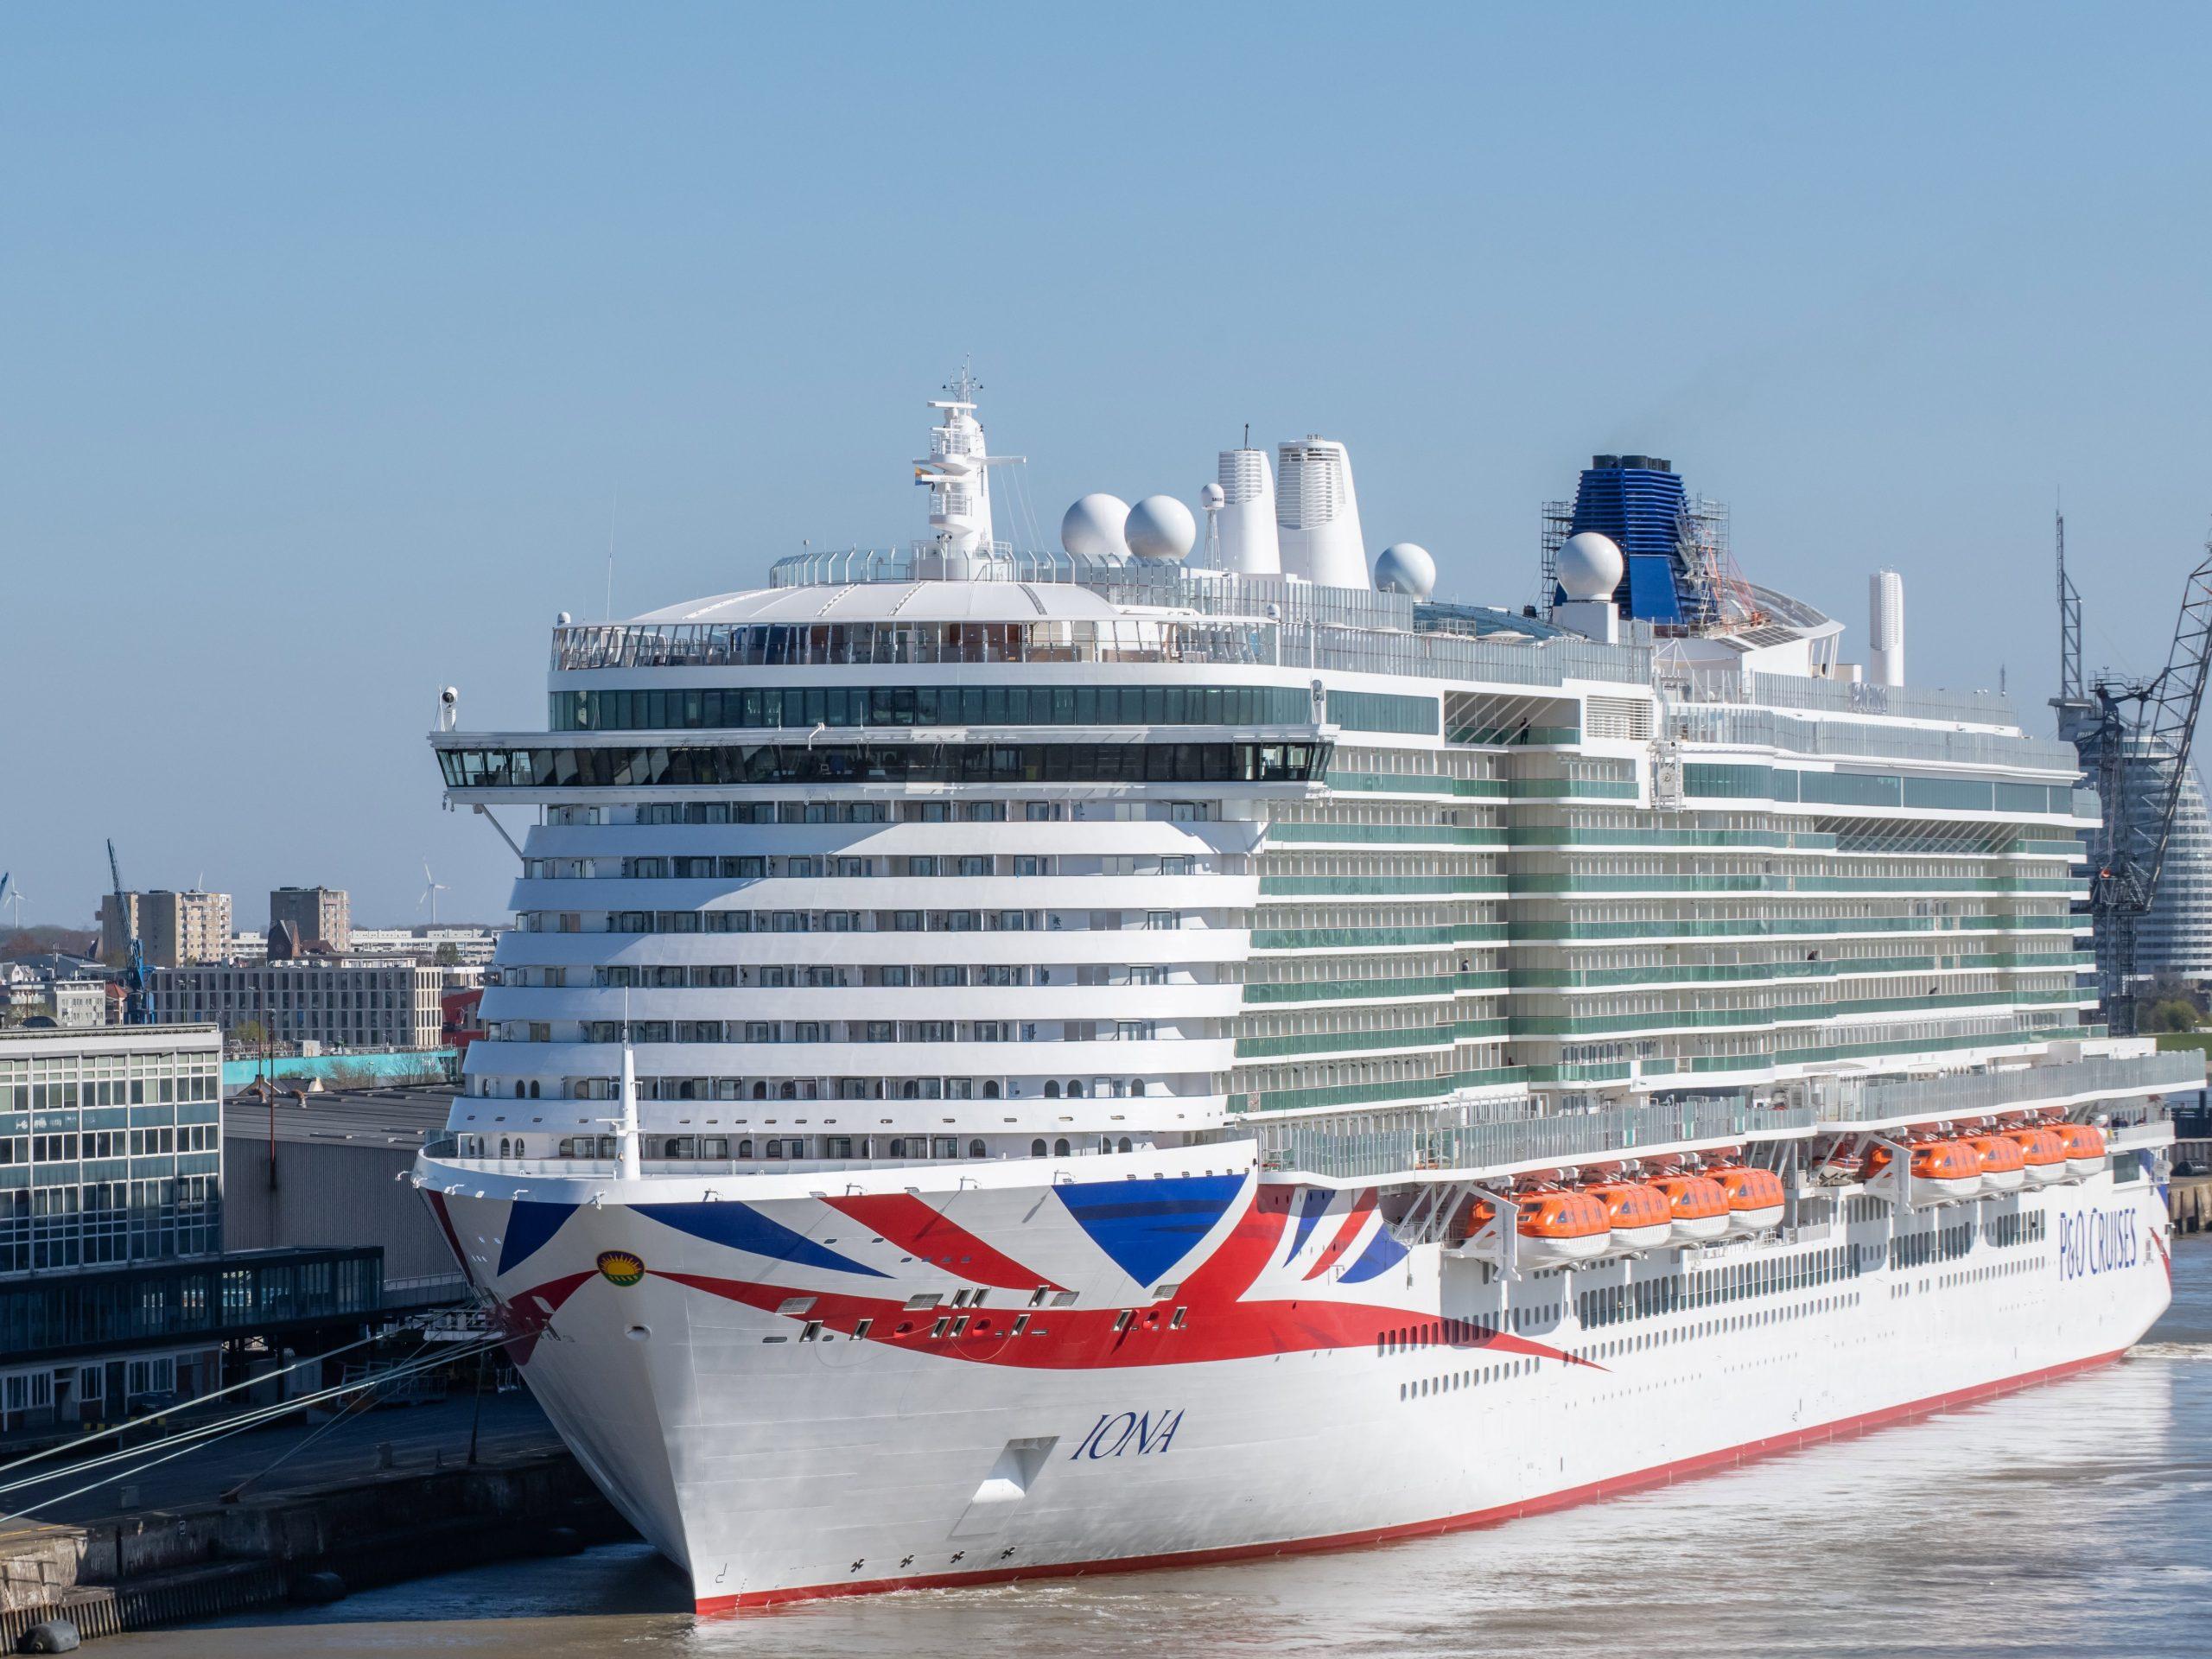 Erfolgreiche Premiere am Columbus Cruise Center Bremerhaven: die erste Ship-to-Ship Bebunkerung mit LNG in einem bremischen Hafen wurde durchgeführt.